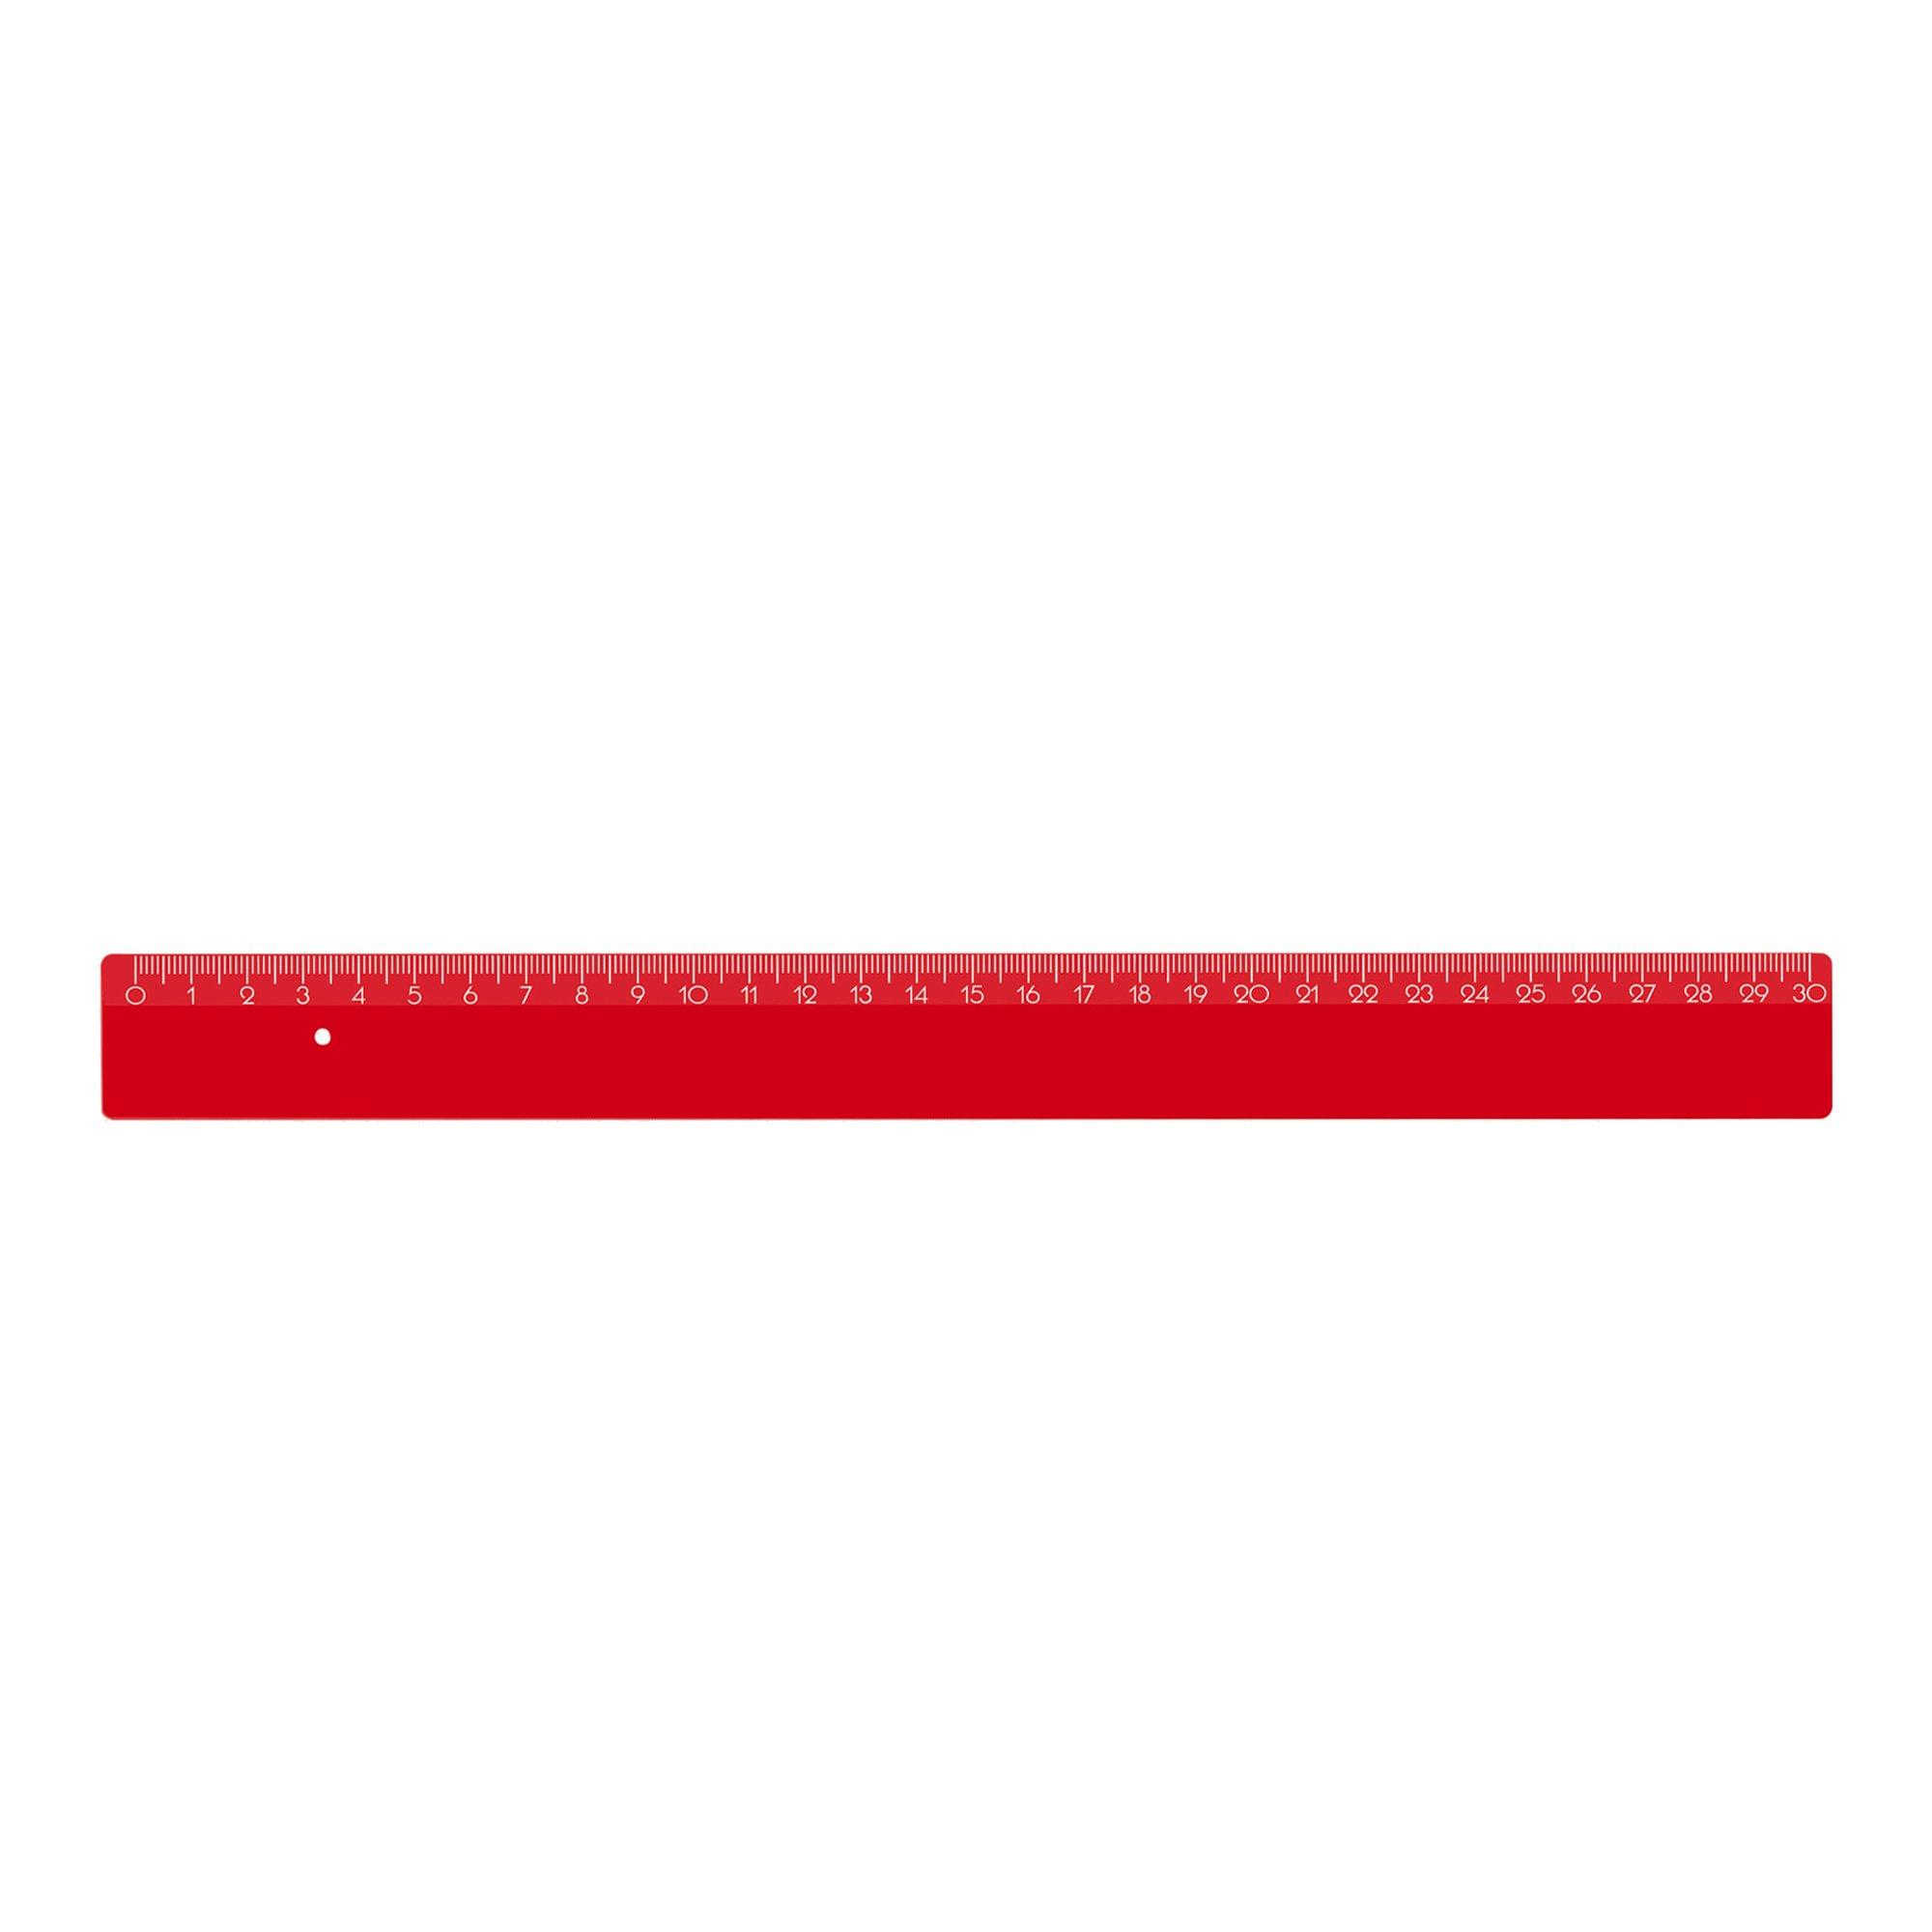 Rulers 30 cm